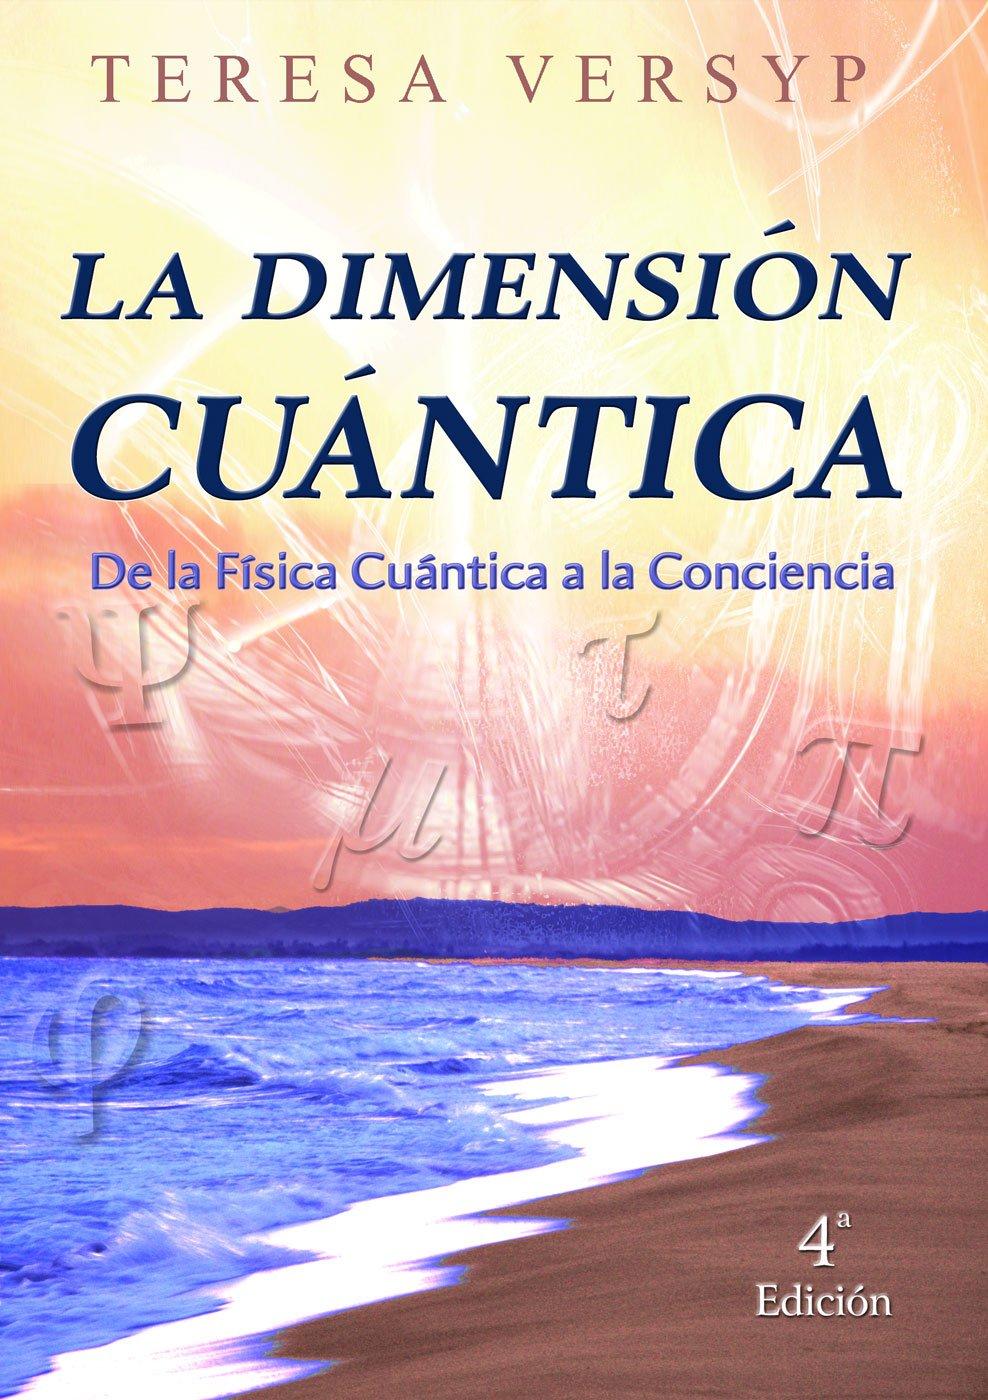 La Dimensión Cuántica De La Física Cuántica A La Conciencia 4a Edición: Amazon.es: Teresa Versyp: Libros